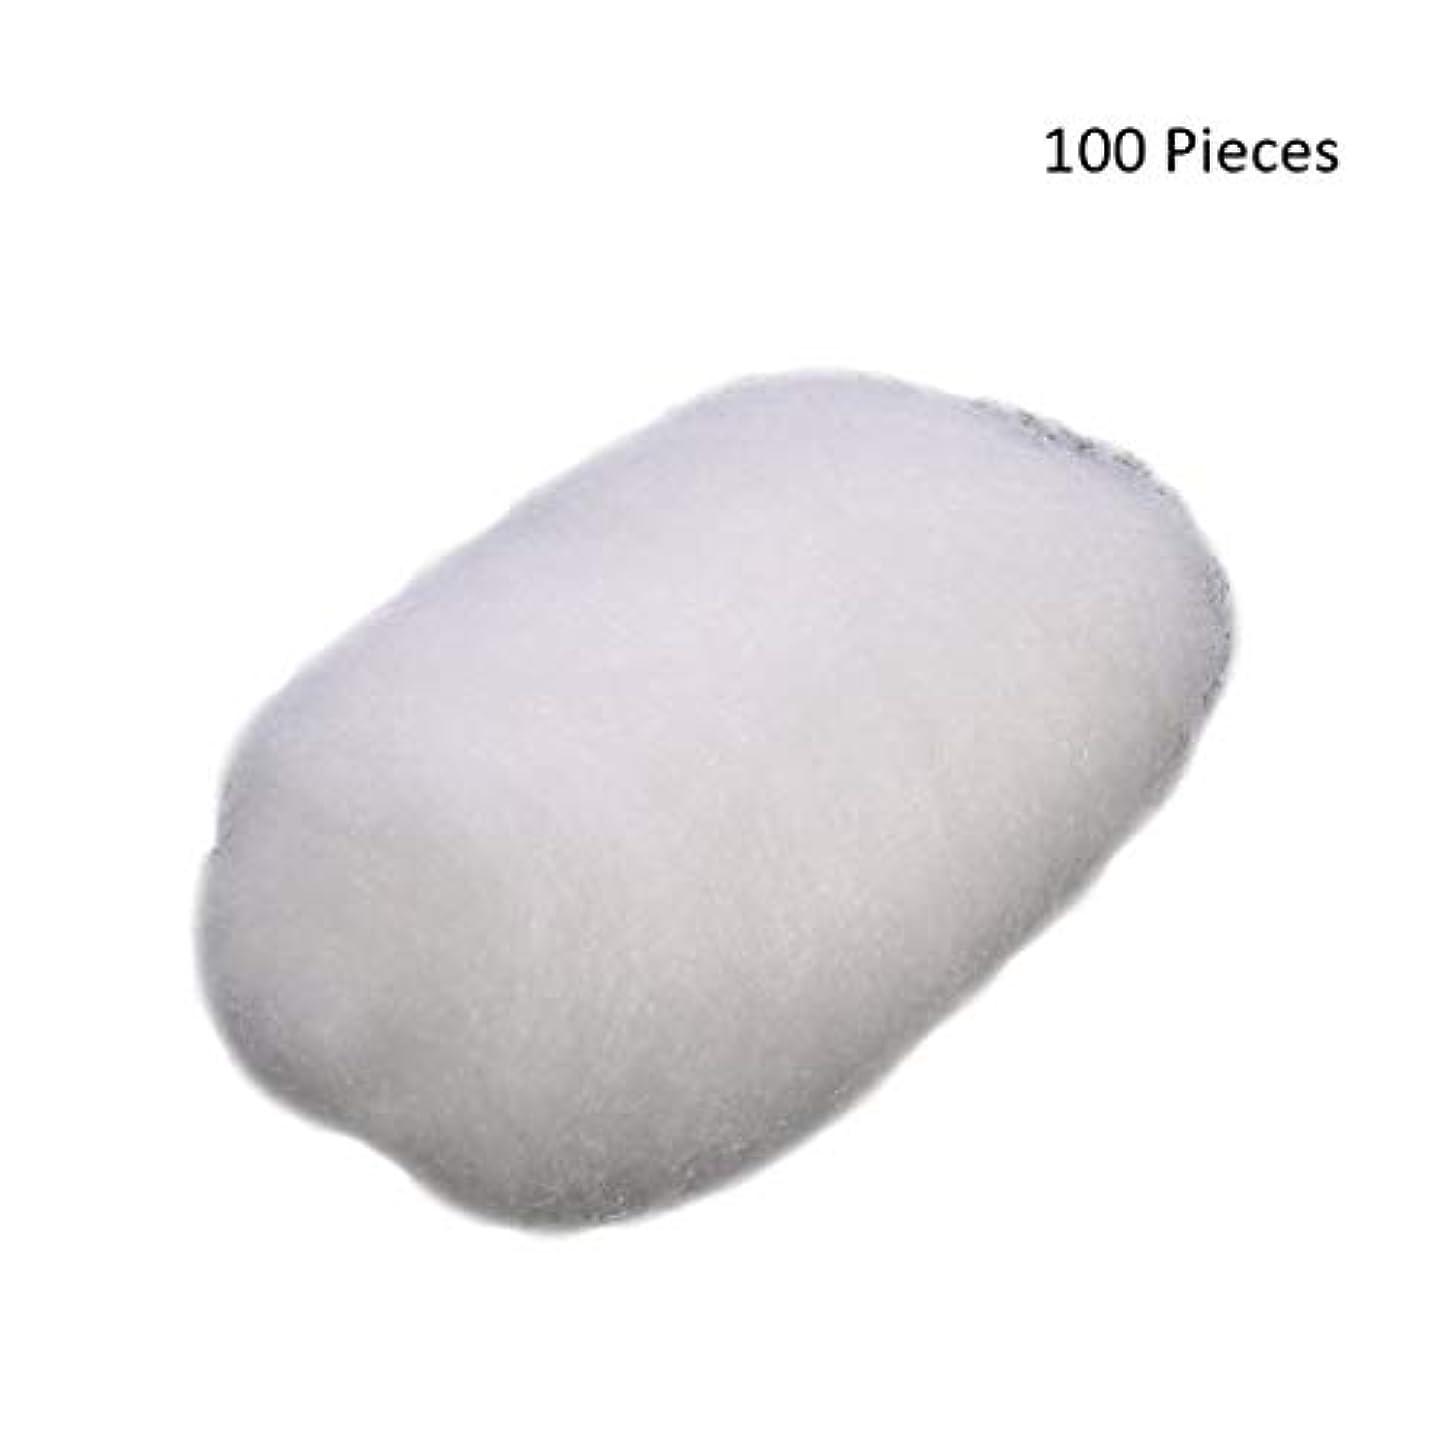 確立処理不透明な100ピース/バッグフェイスメイクアップリムーバーコットンボールタトゥー消毒メイククレンジングローション化粧品除去コットンボール (Color : White)